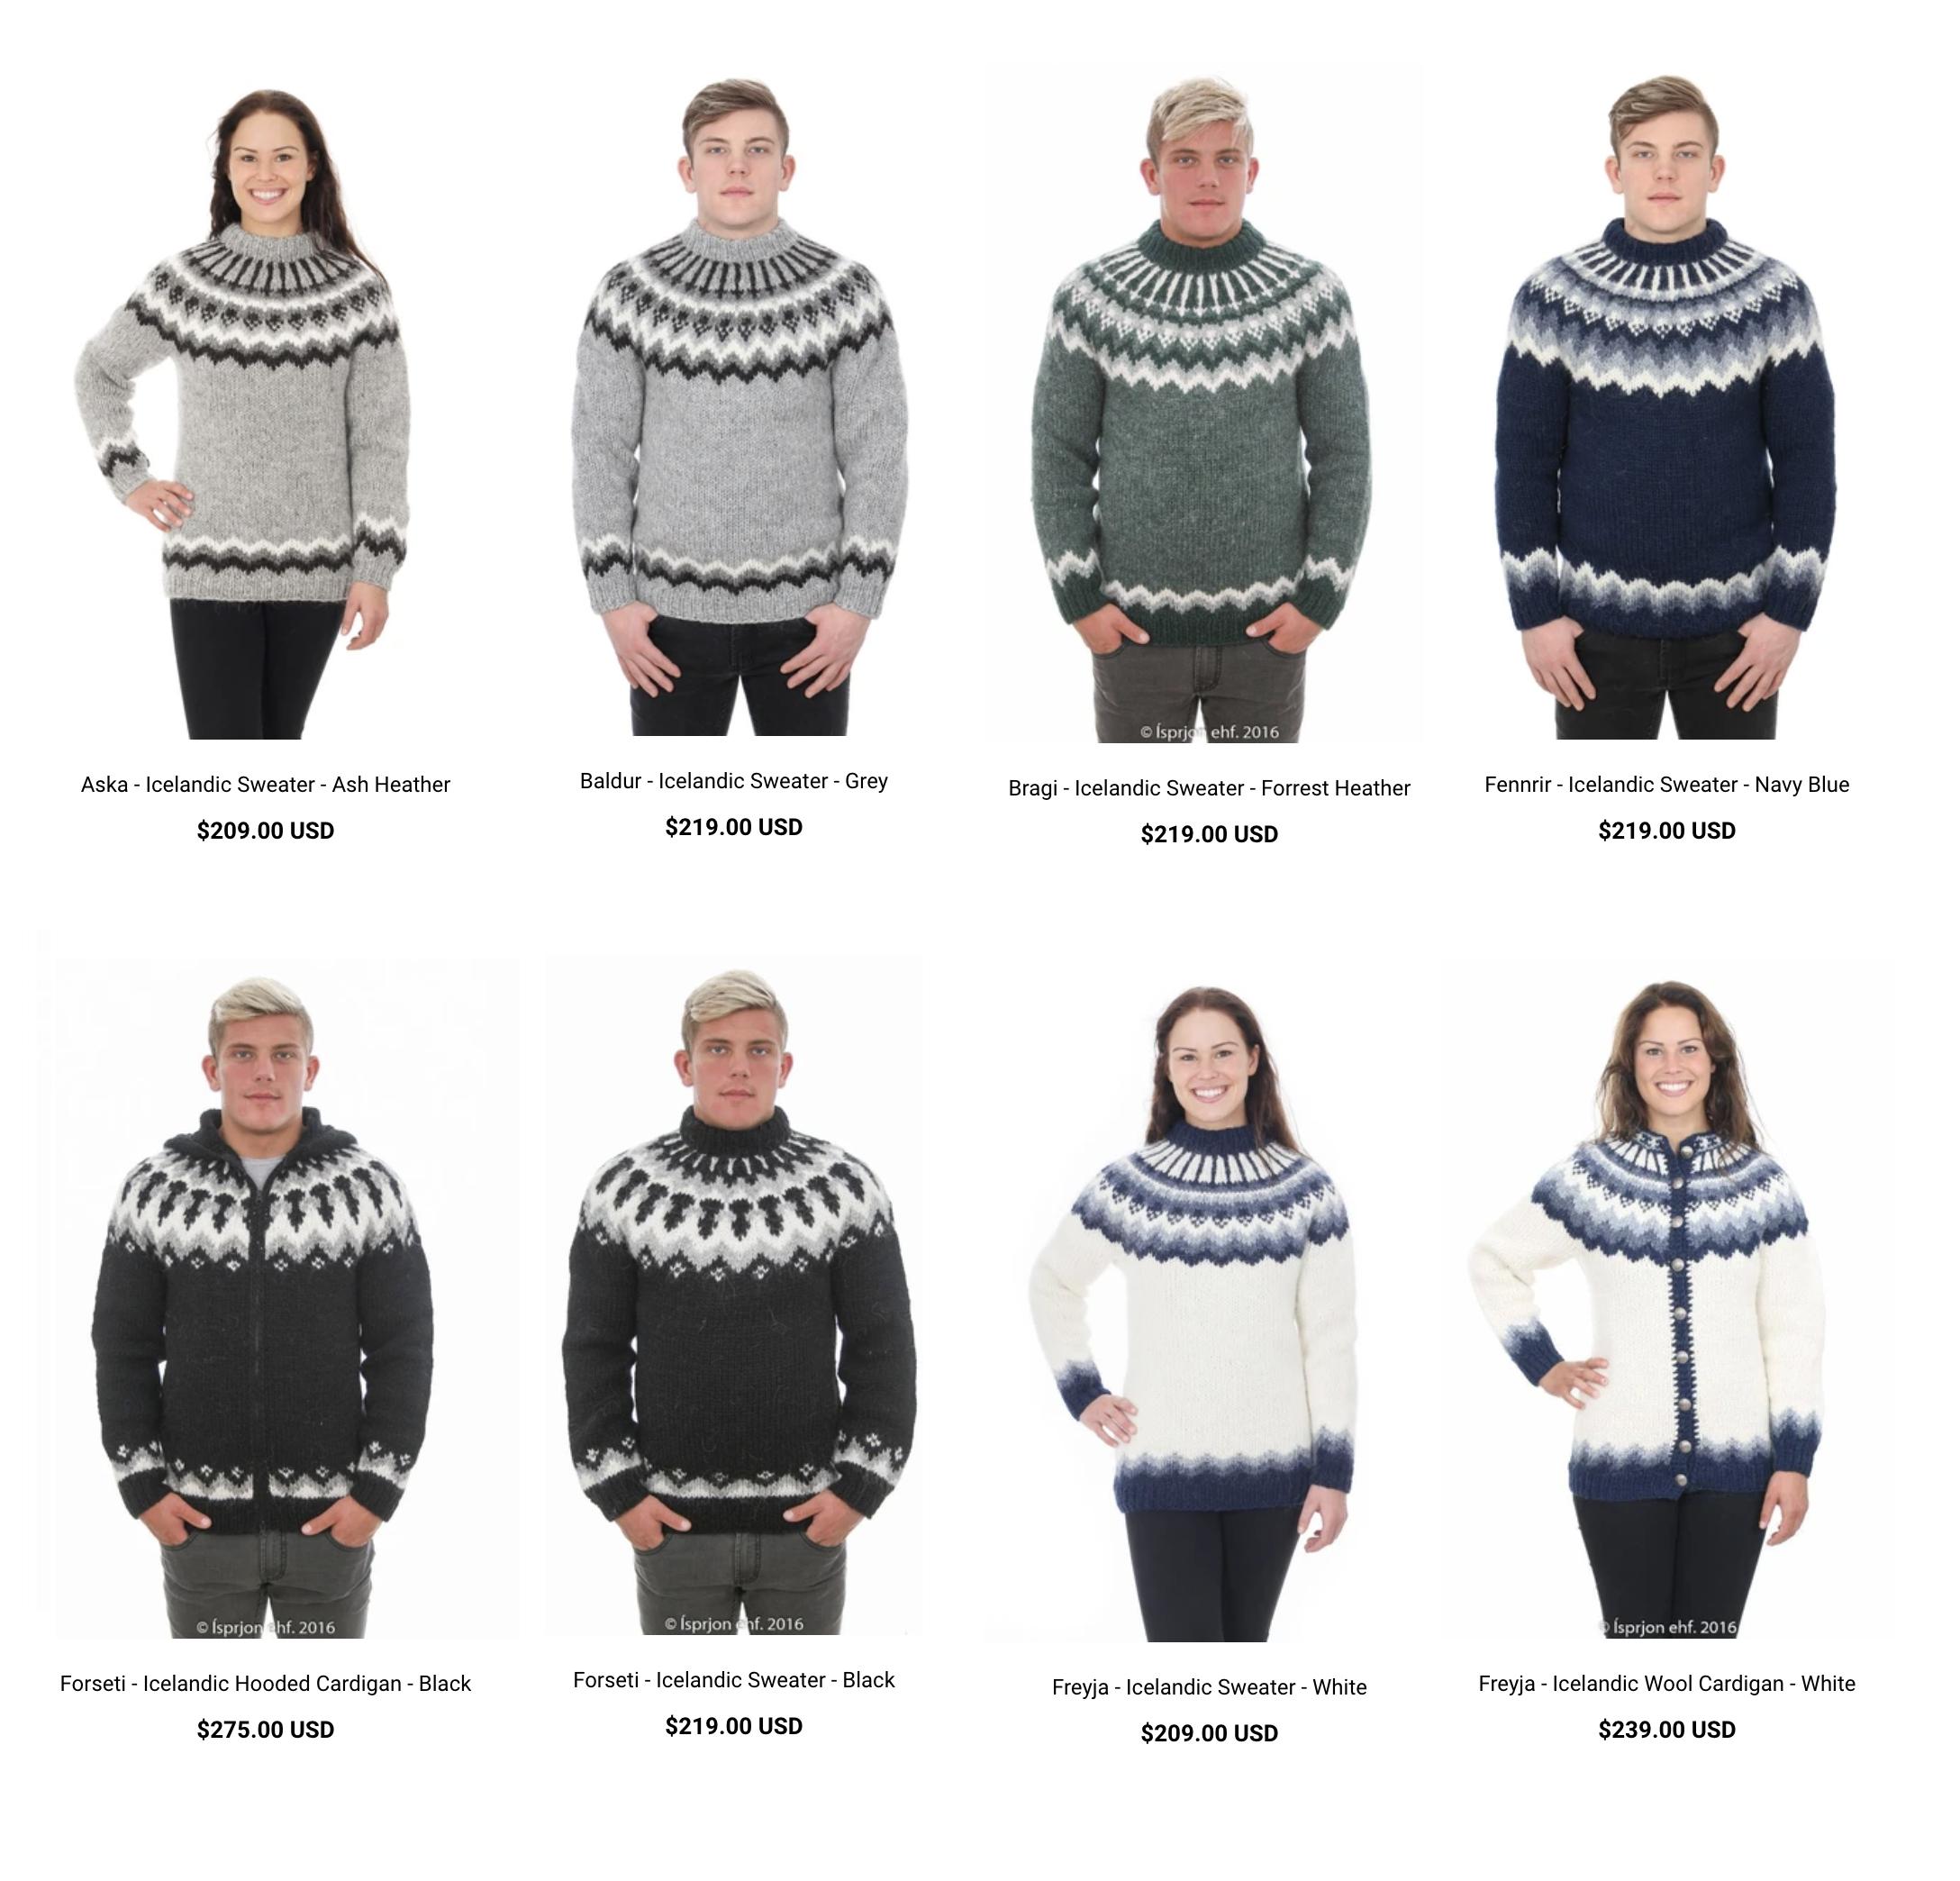 В интернет-магазинах исландские свитеры продаются и за 200$